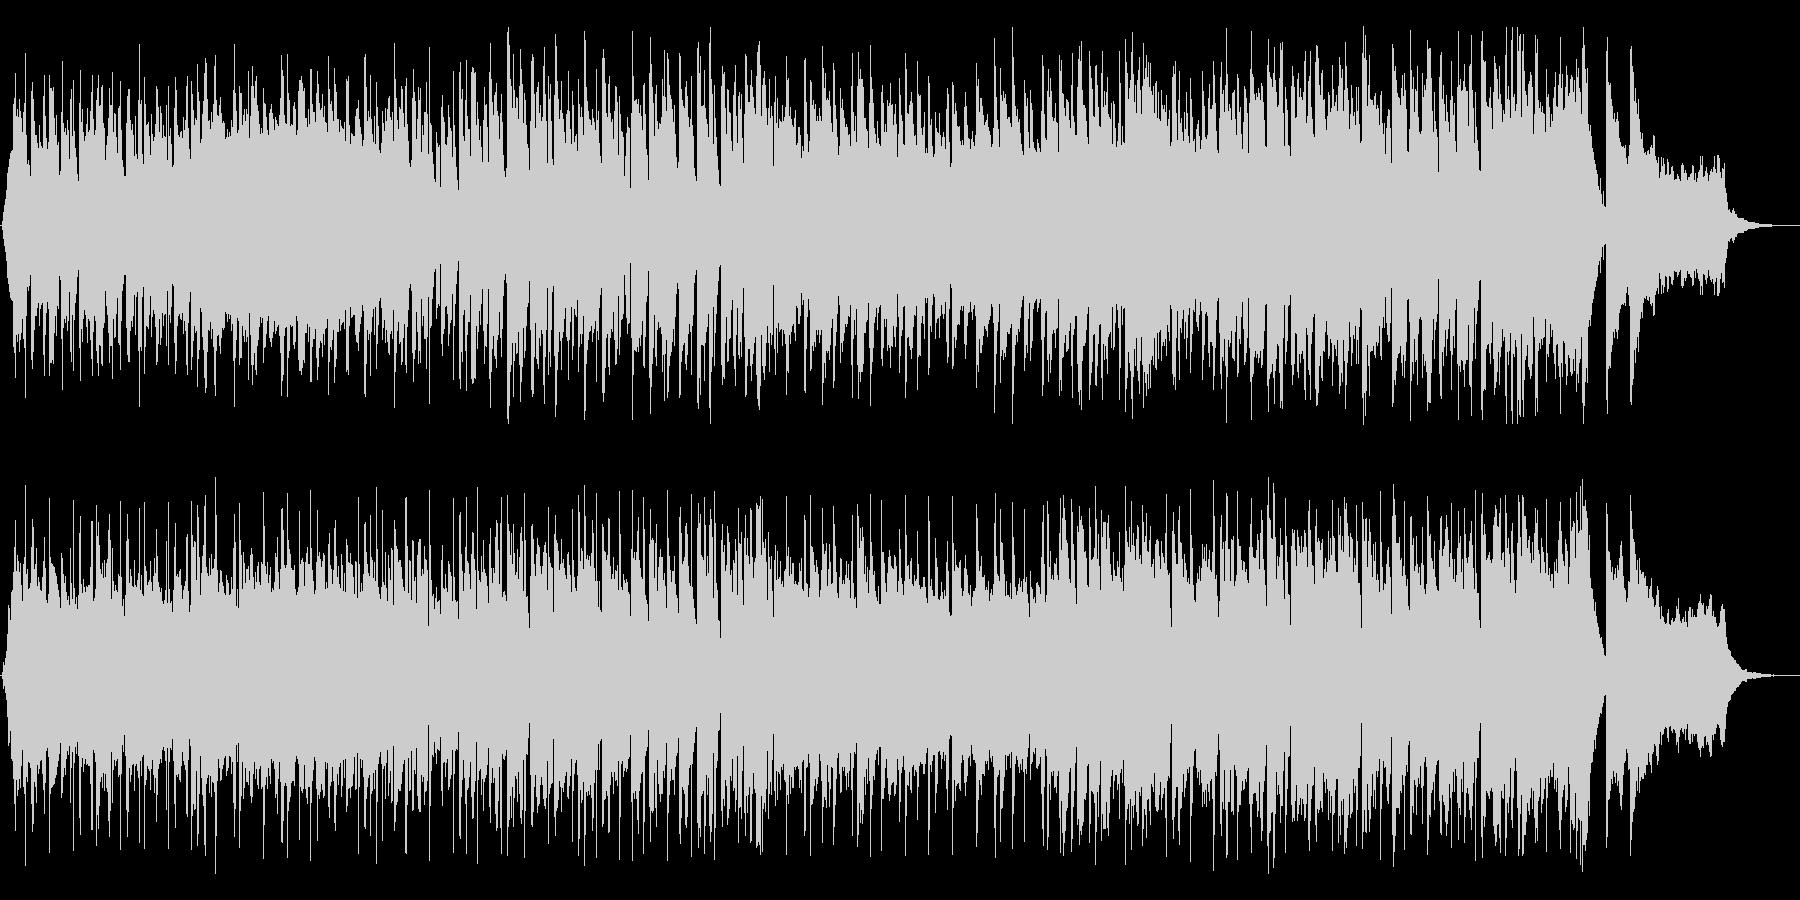 明るく爽快なオーケストラポップスの未再生の波形